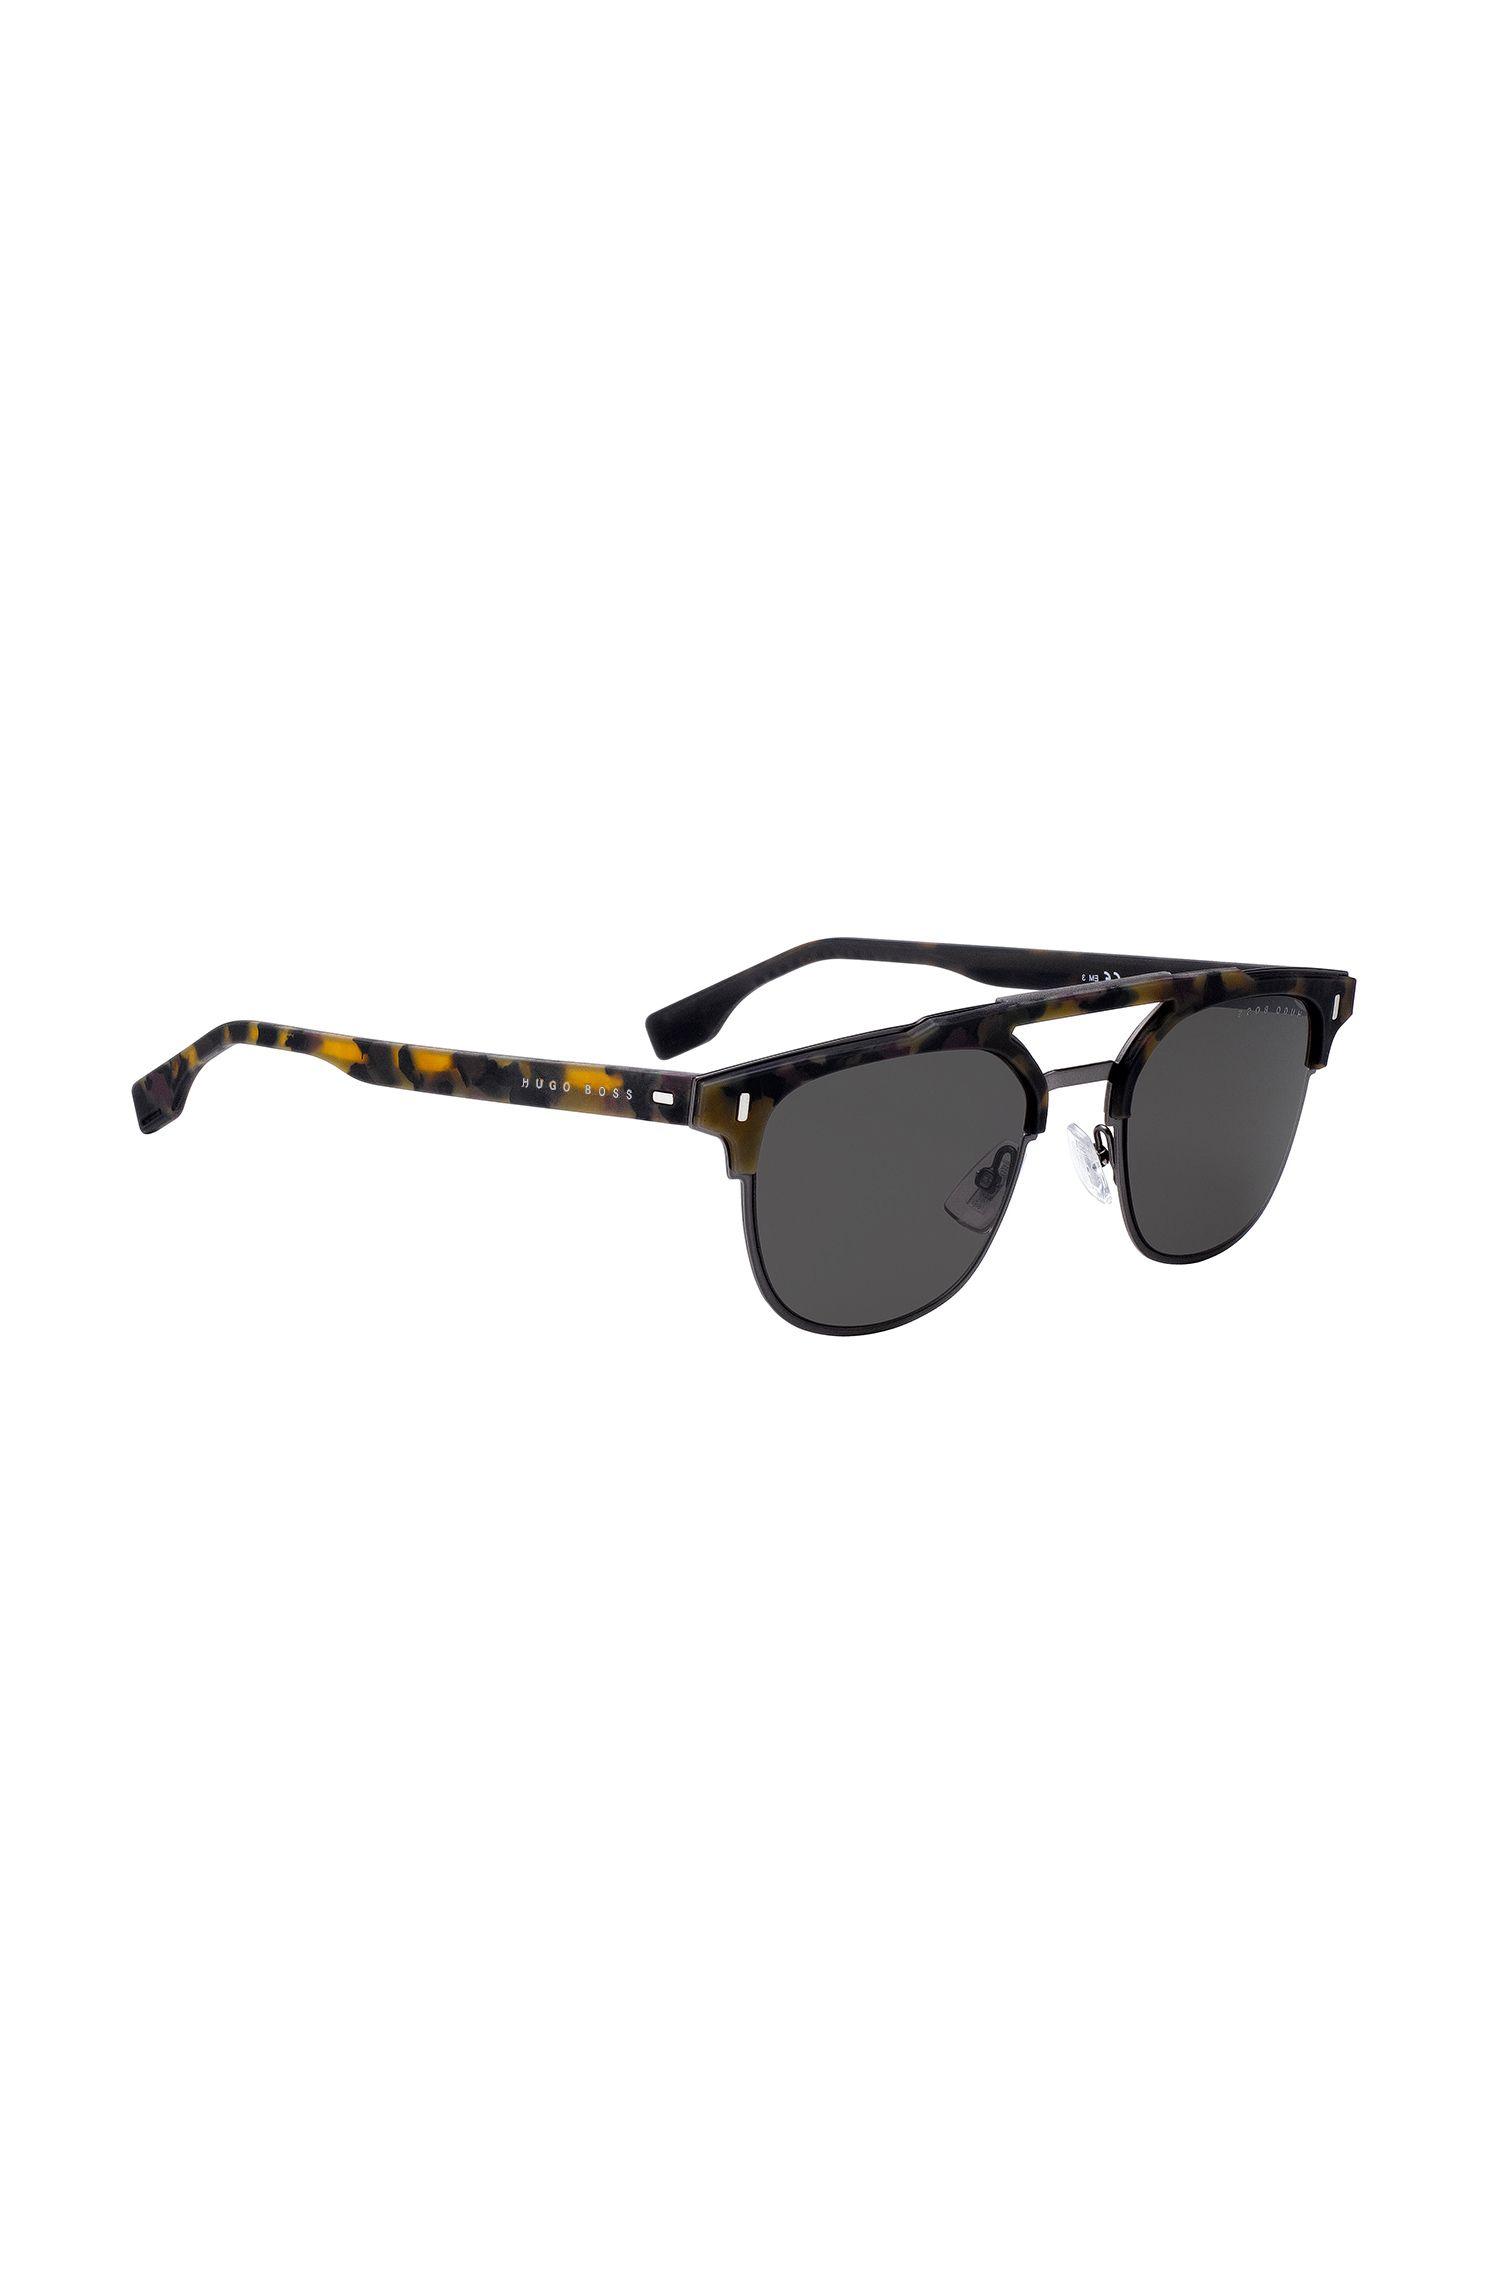 Gummierte Sonnenbrille mit Havanna-Muster und Nieten an den Scharnieren, Gemustert